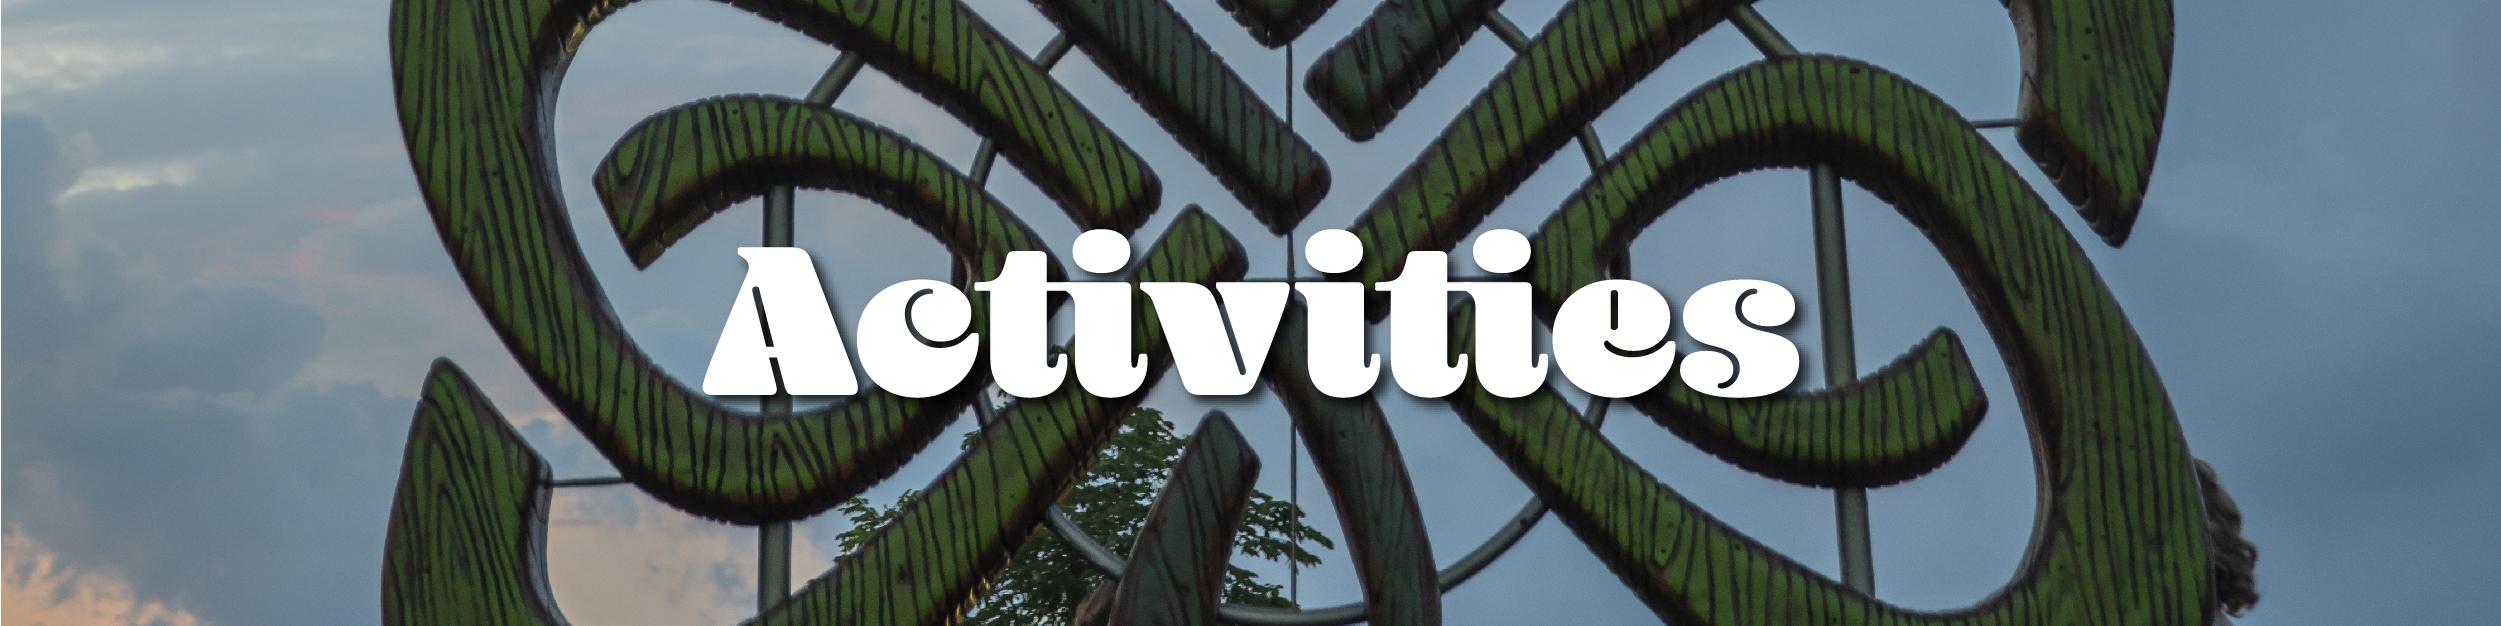 Activities-01-02-01-01